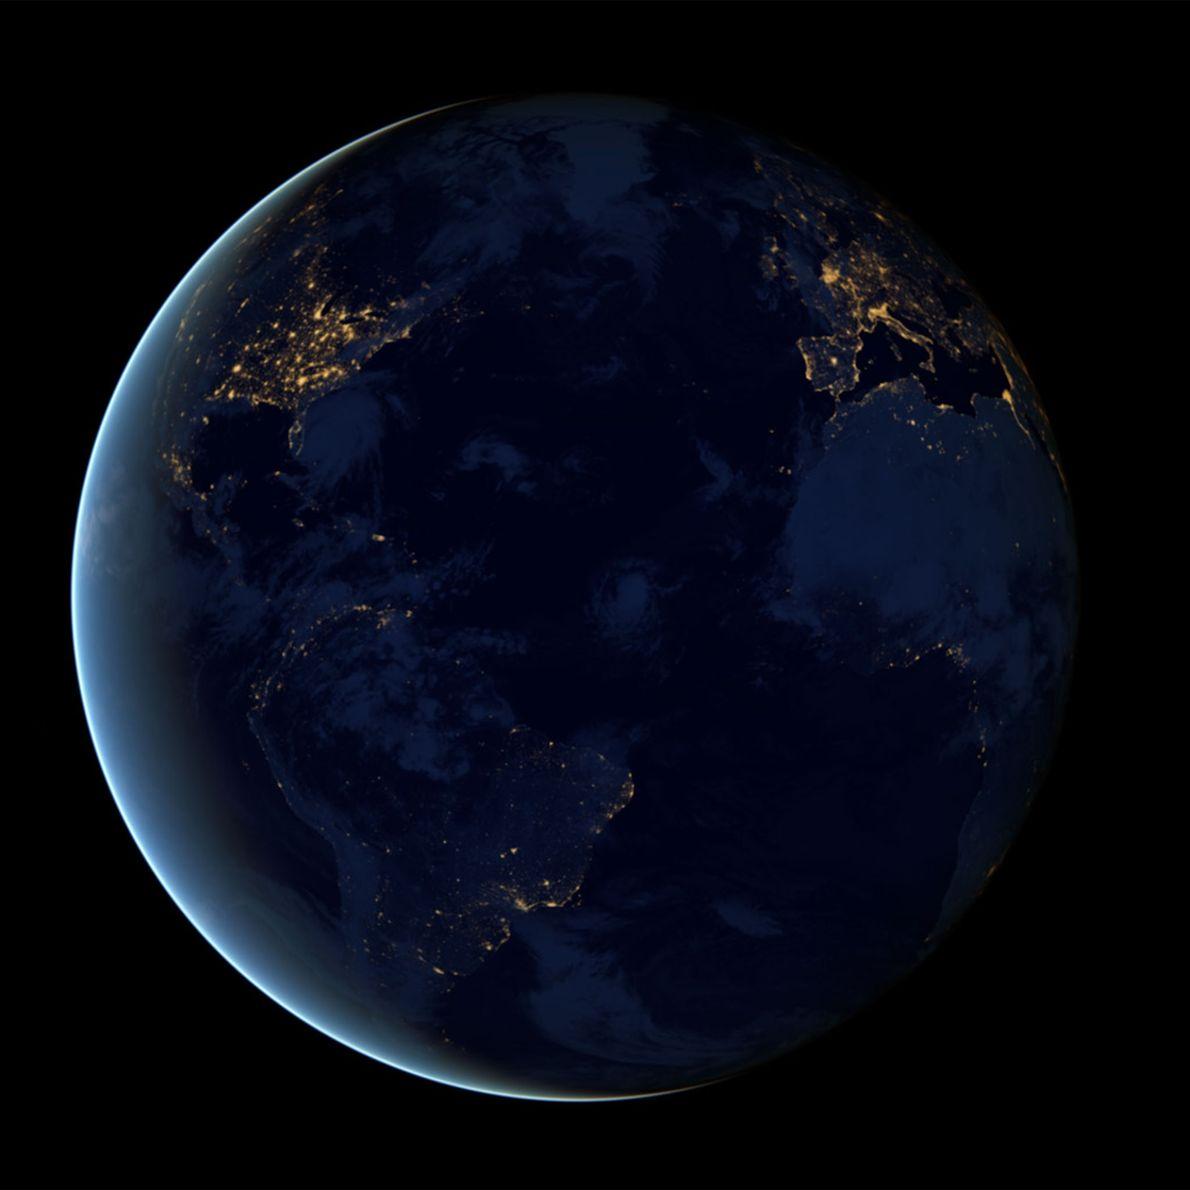 La face sombre de la Terre